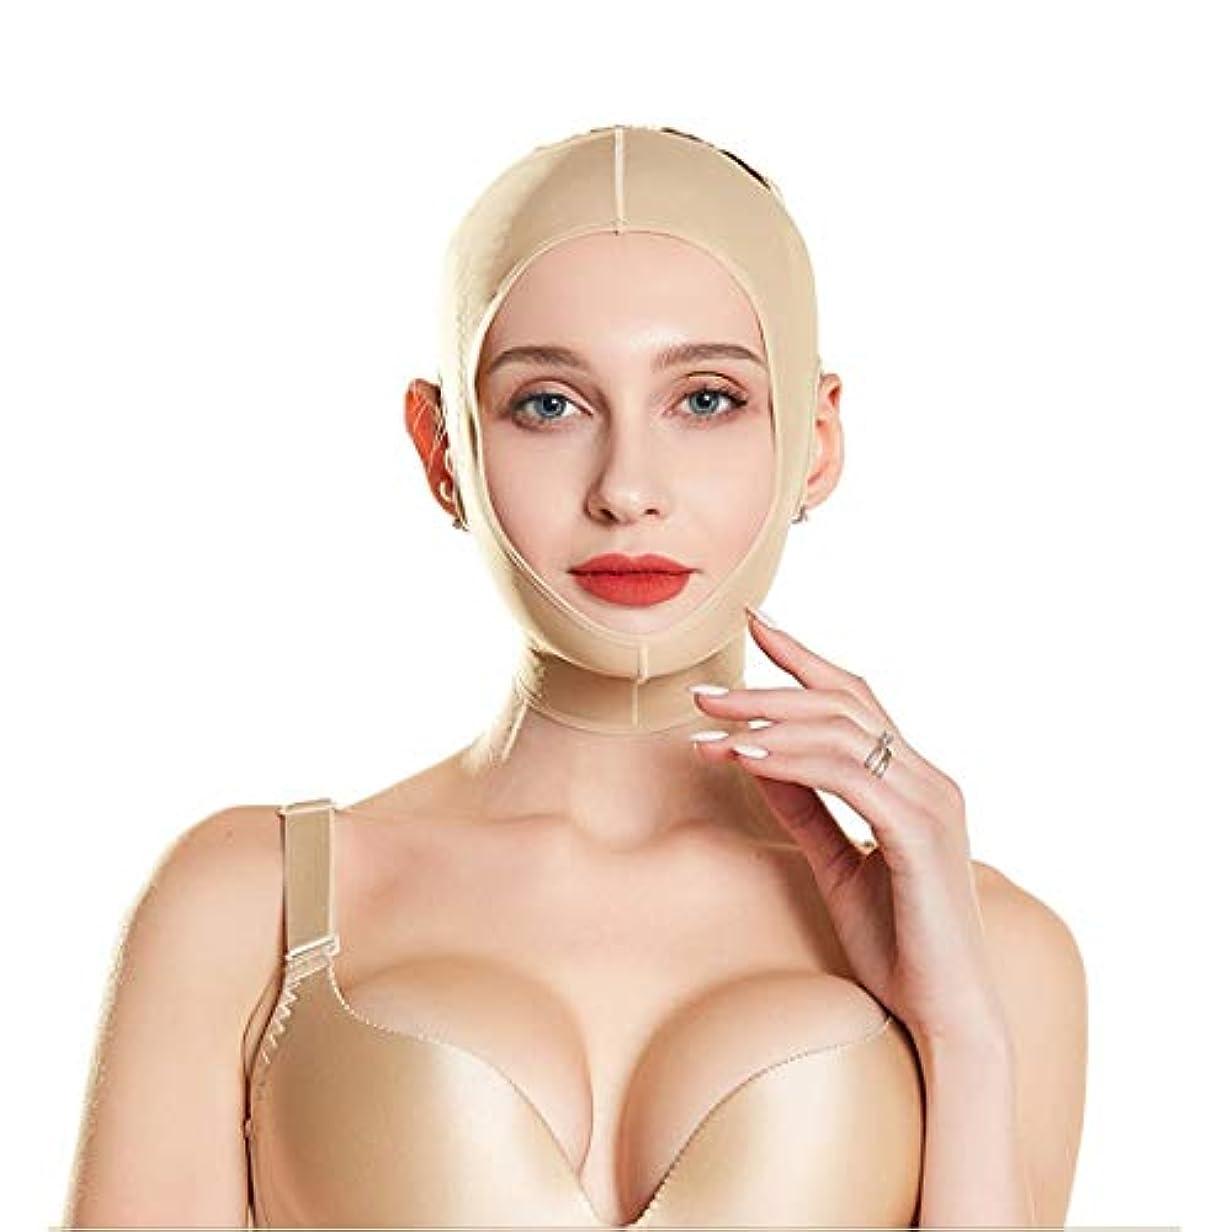 おしゃれなスカイ五月ZWBD フェイスマスク, フェイスリフティング包帯医療美容スキンフェイスカービングスモールVフェイスアーティファクトシェーピングリフティングフェイスカービングセットフェイスマスク美容フェードシワ (Size : M)